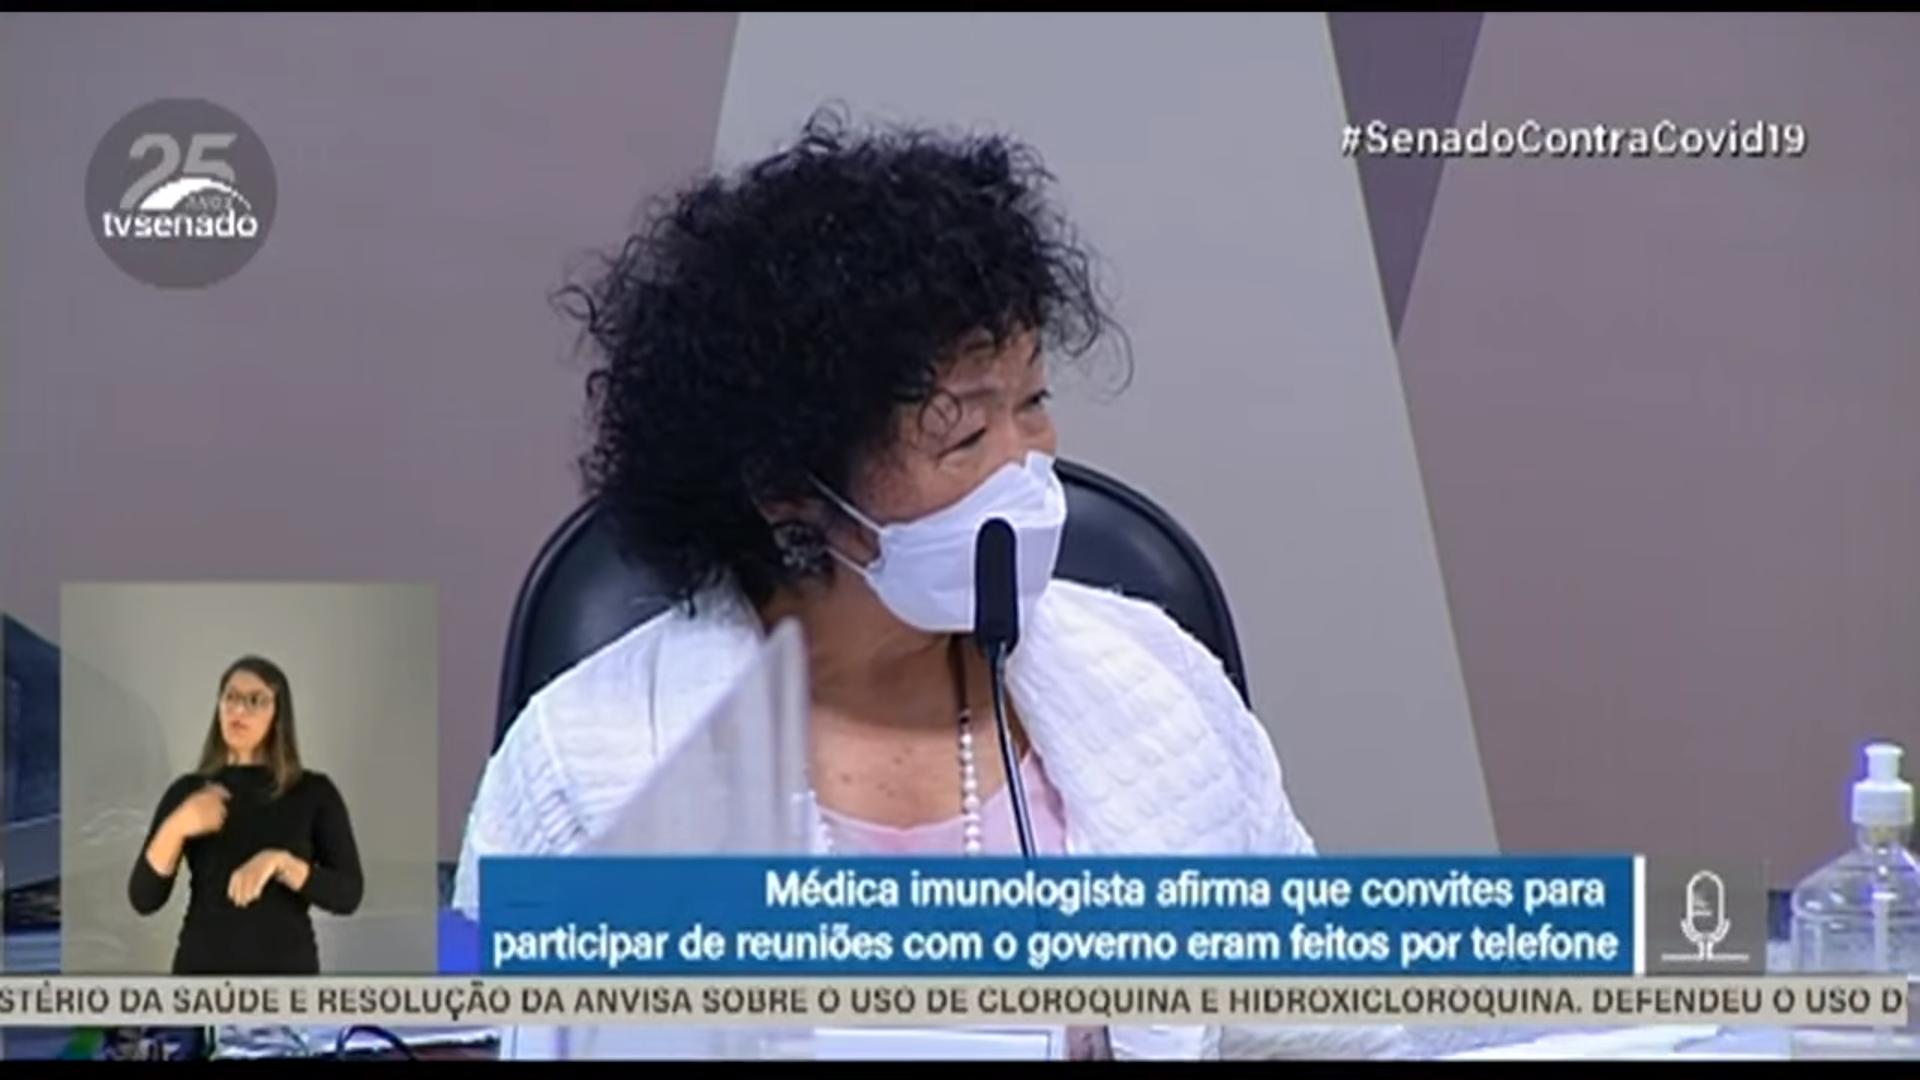 IMAGEM: Nise não mostra estudos científicos que confirmam o que ela disse sobre a cloroquina